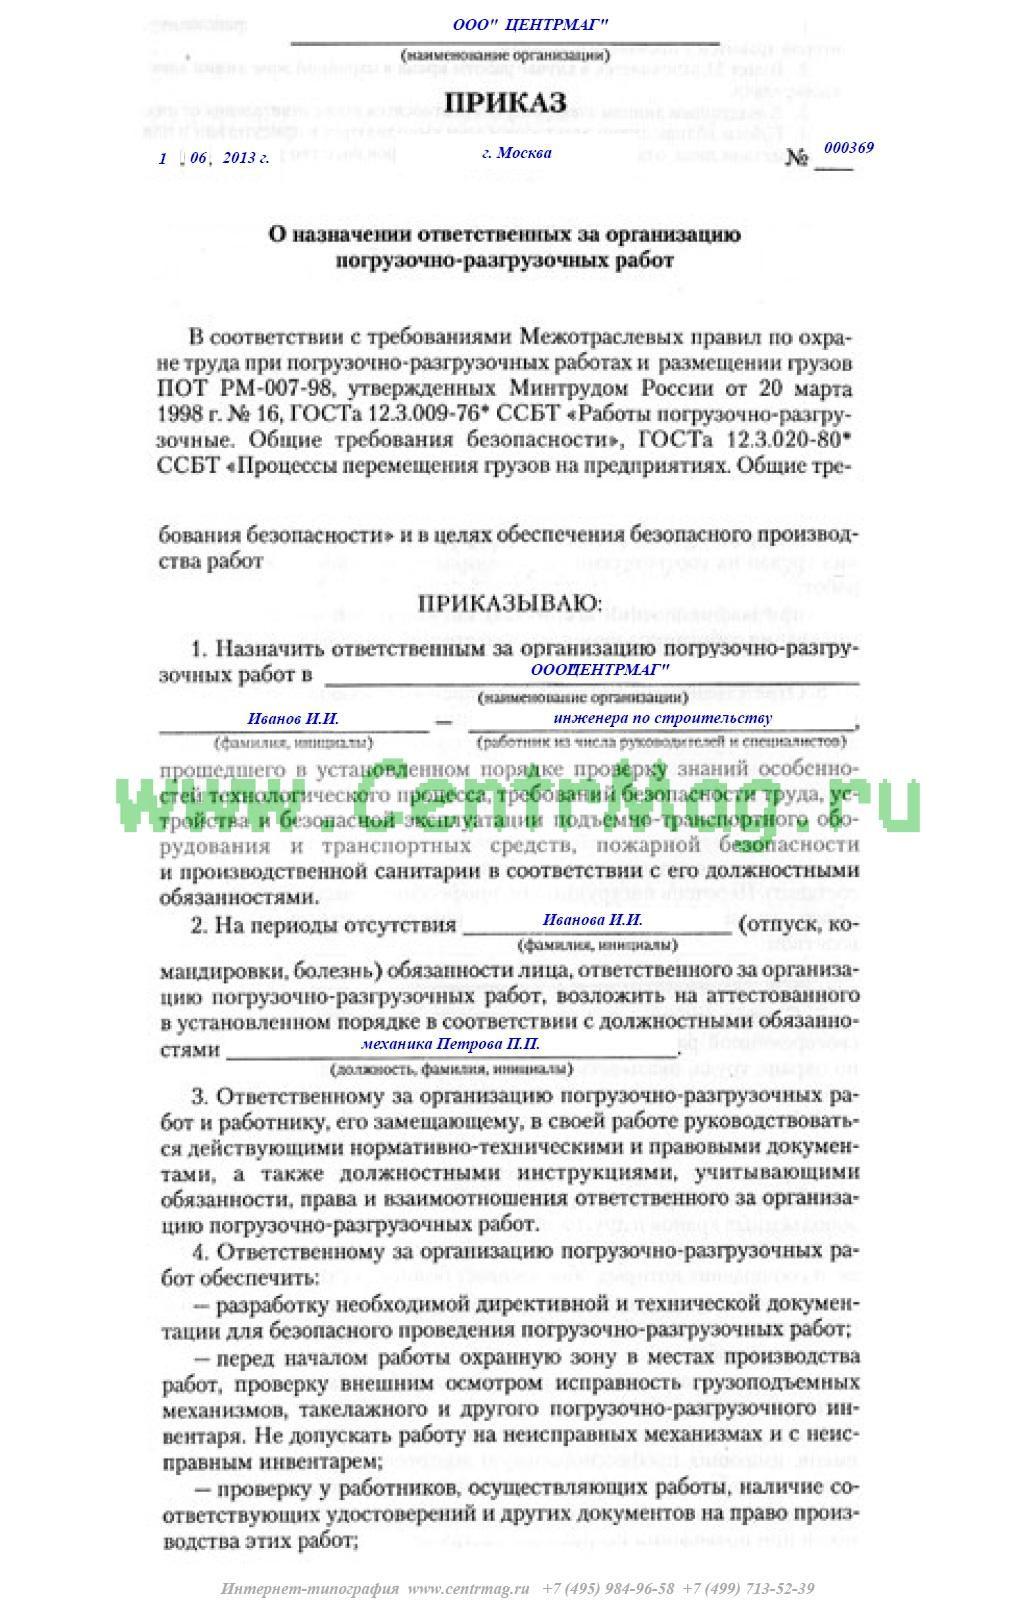 Типовой сборник должностных инструкций